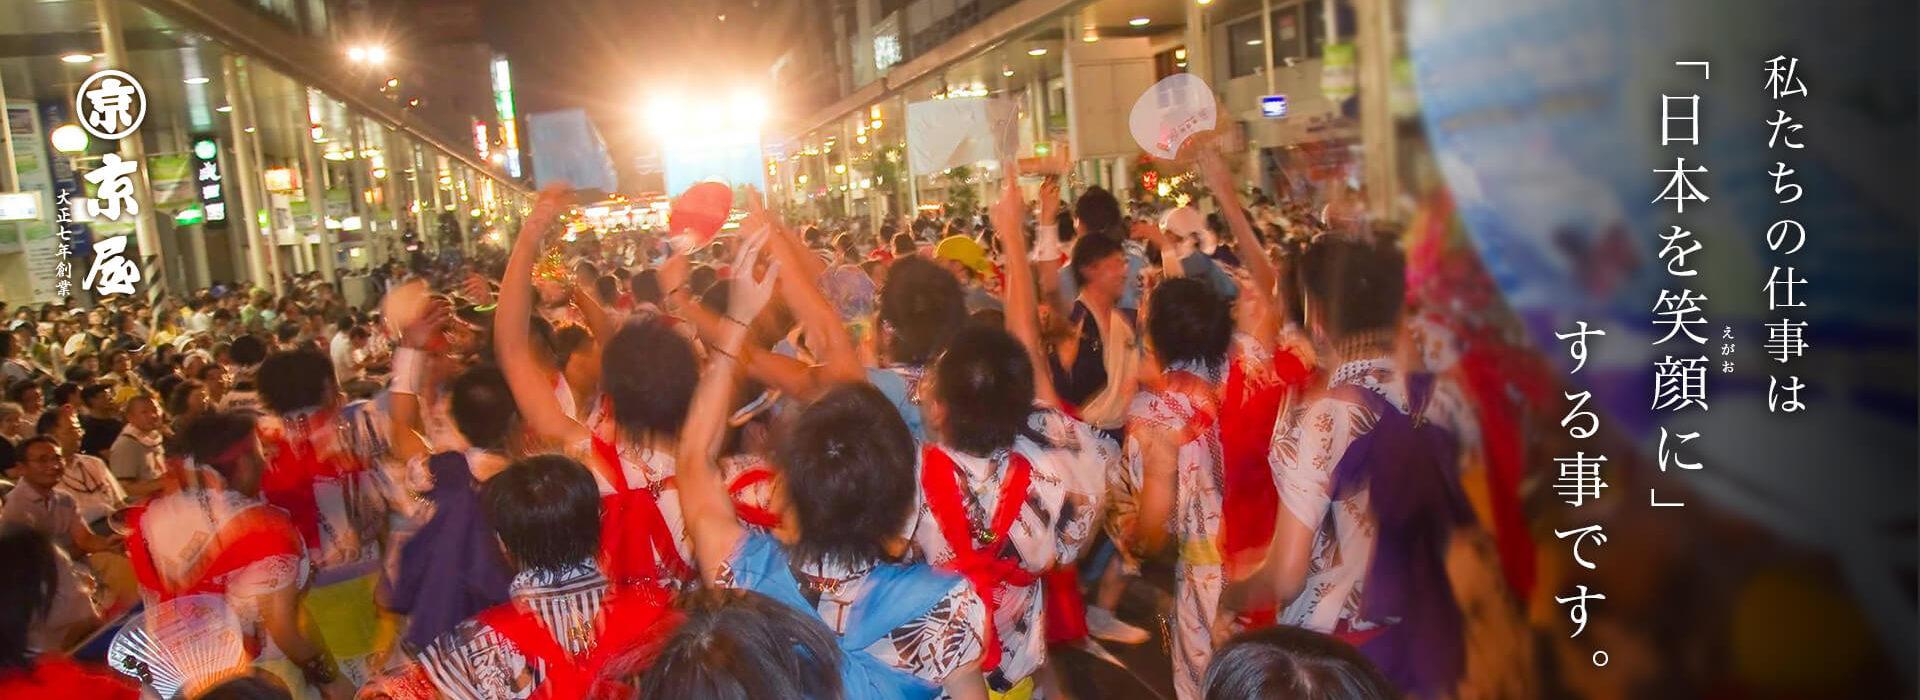 祭り 浴衣 伝統 文化 オーダーメイド 岩手 一関